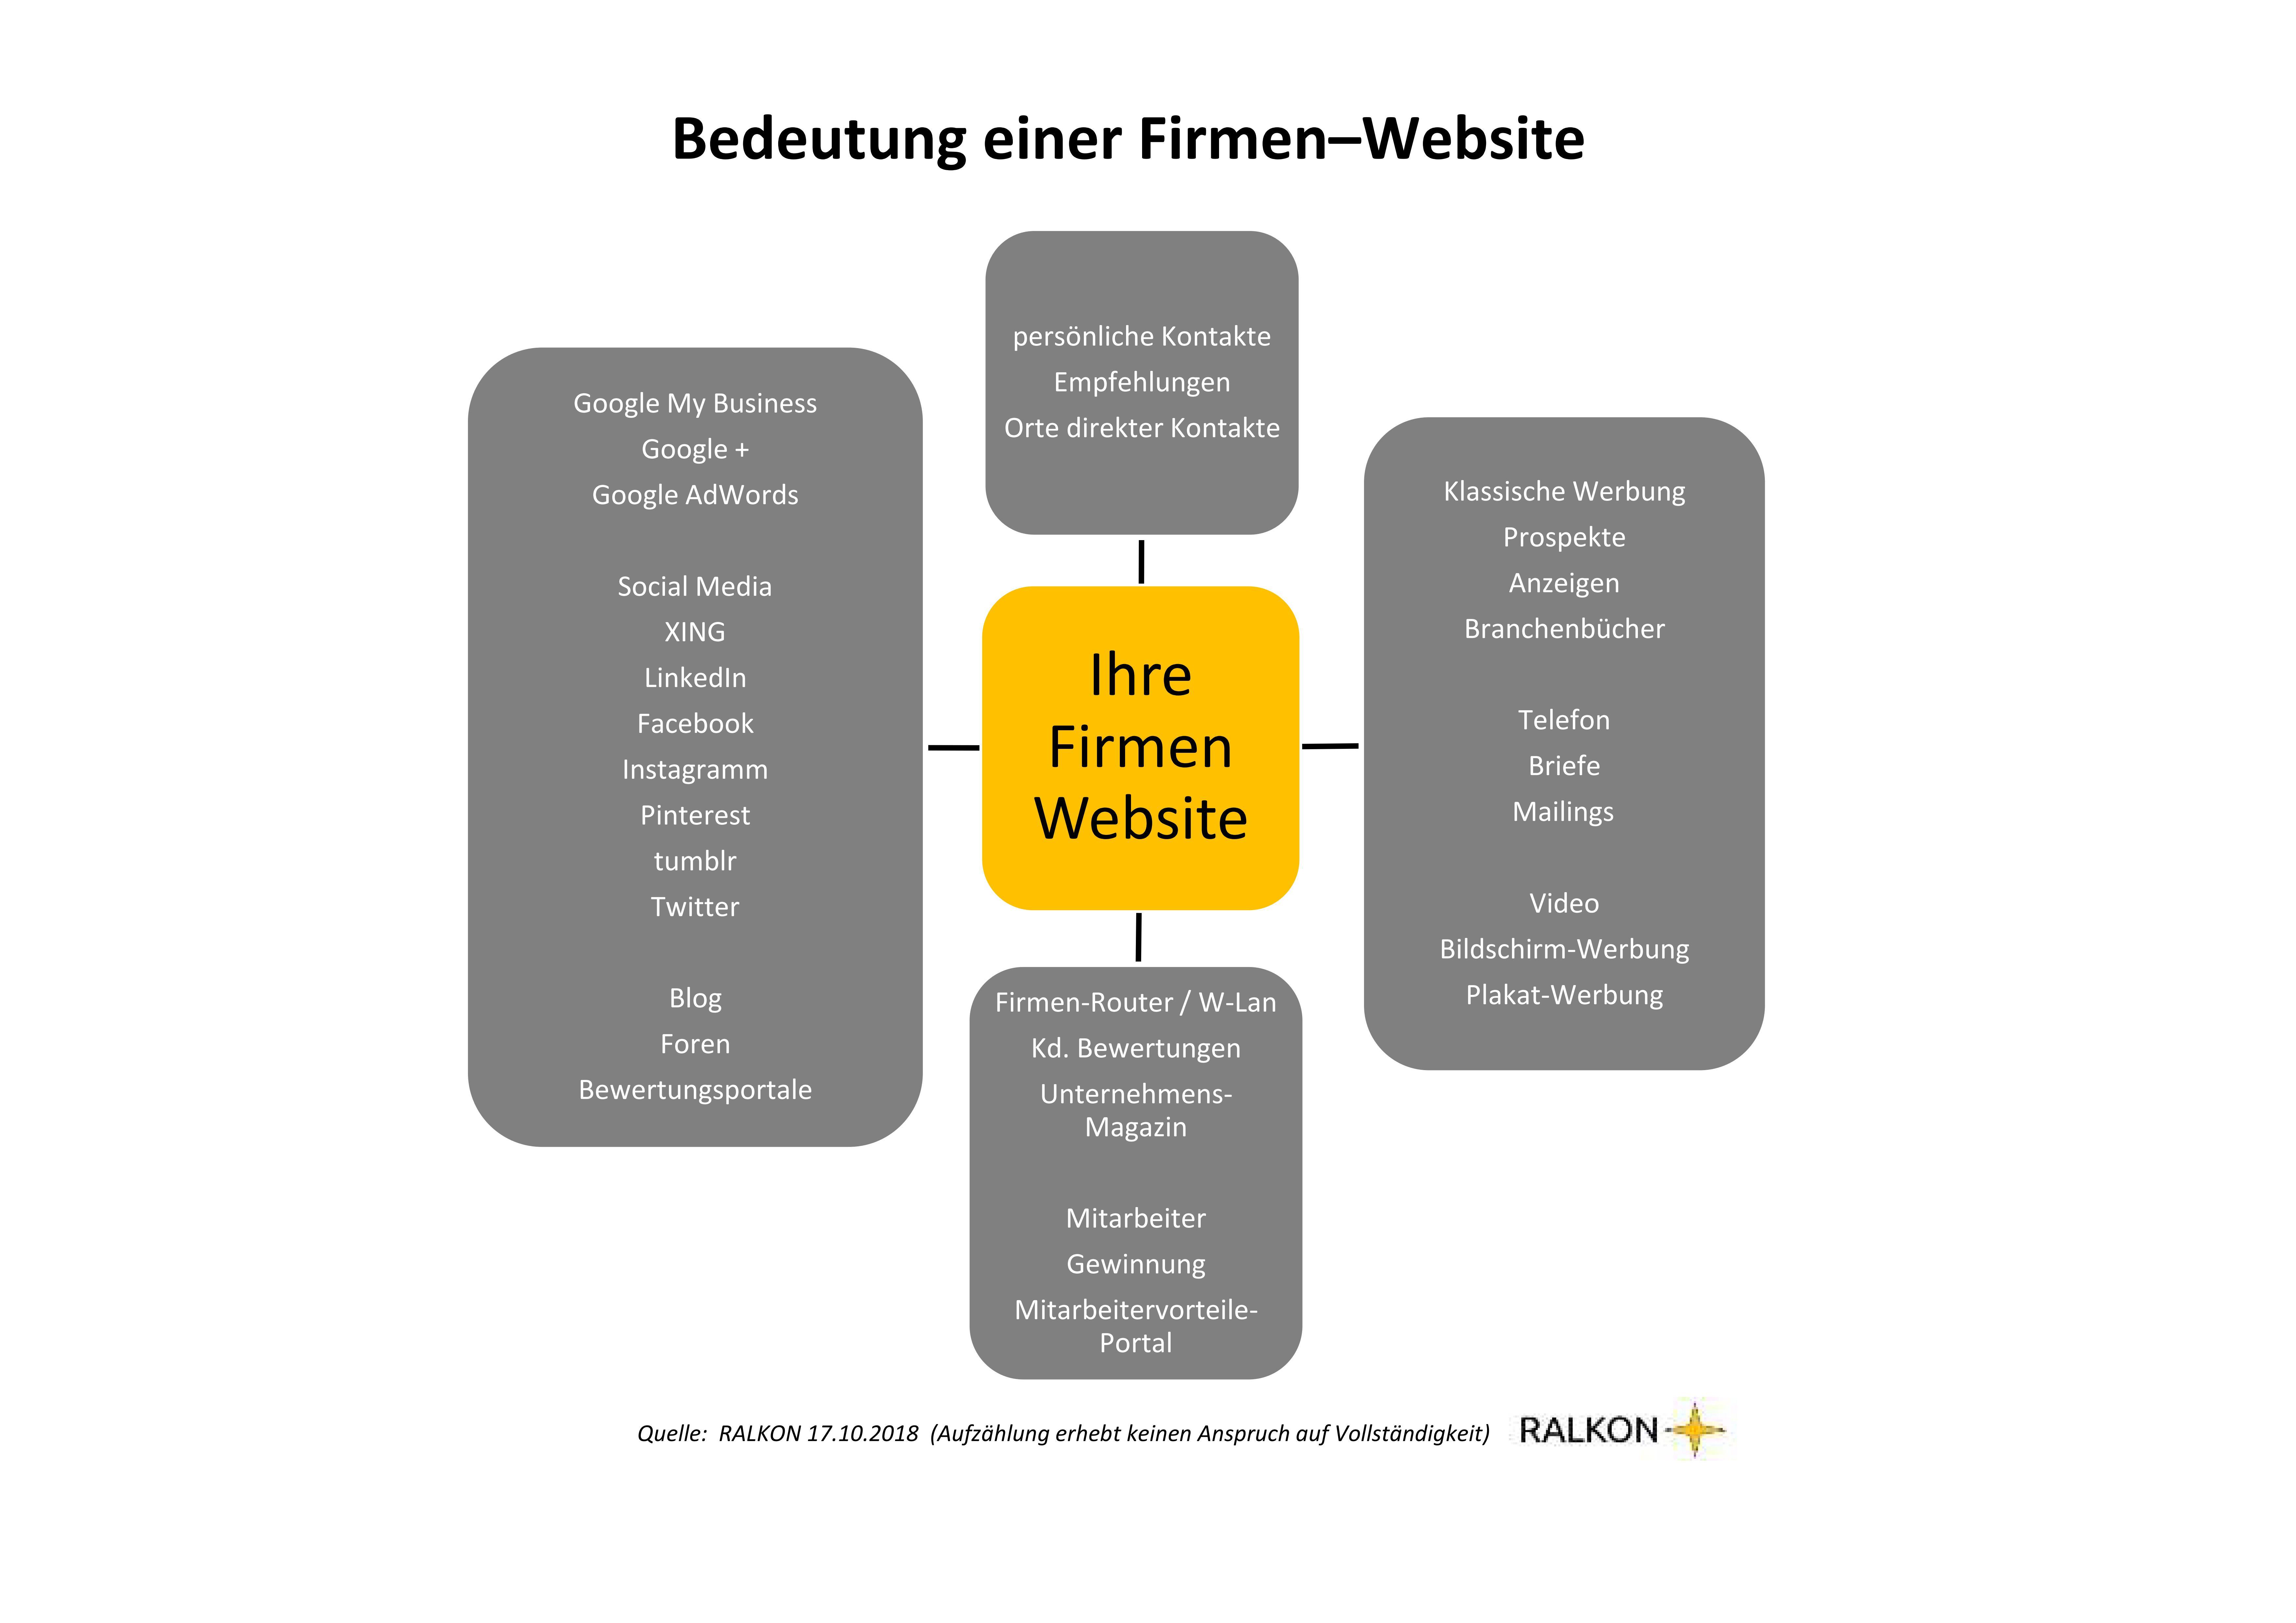 Bedeutung einer Firmenwebsite Grafik